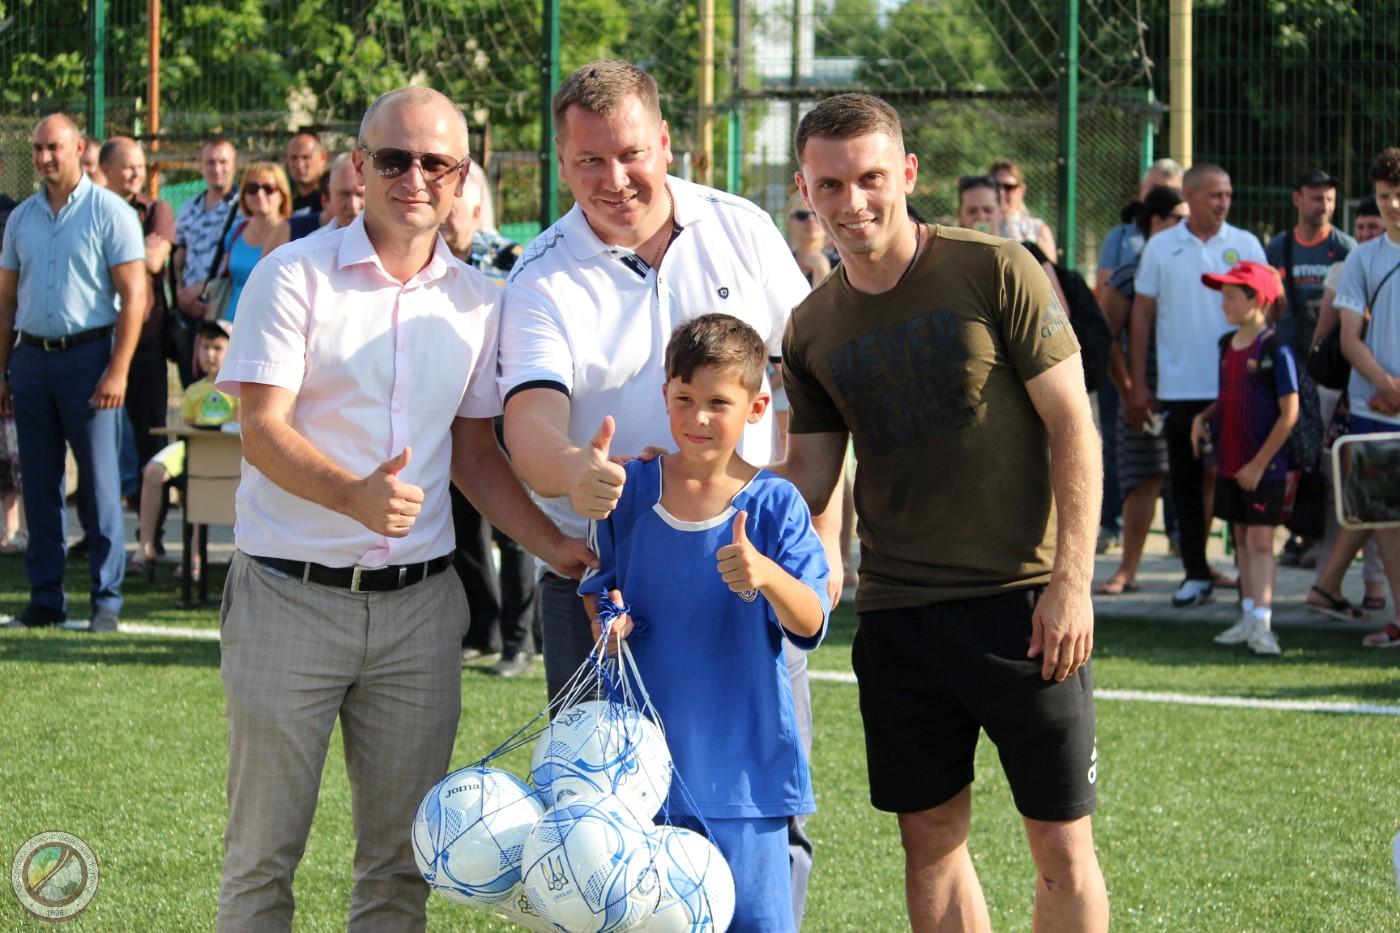 Олександр Караваєв провів майстер клас для юних футболістів Херсонщини. ВІДЕО